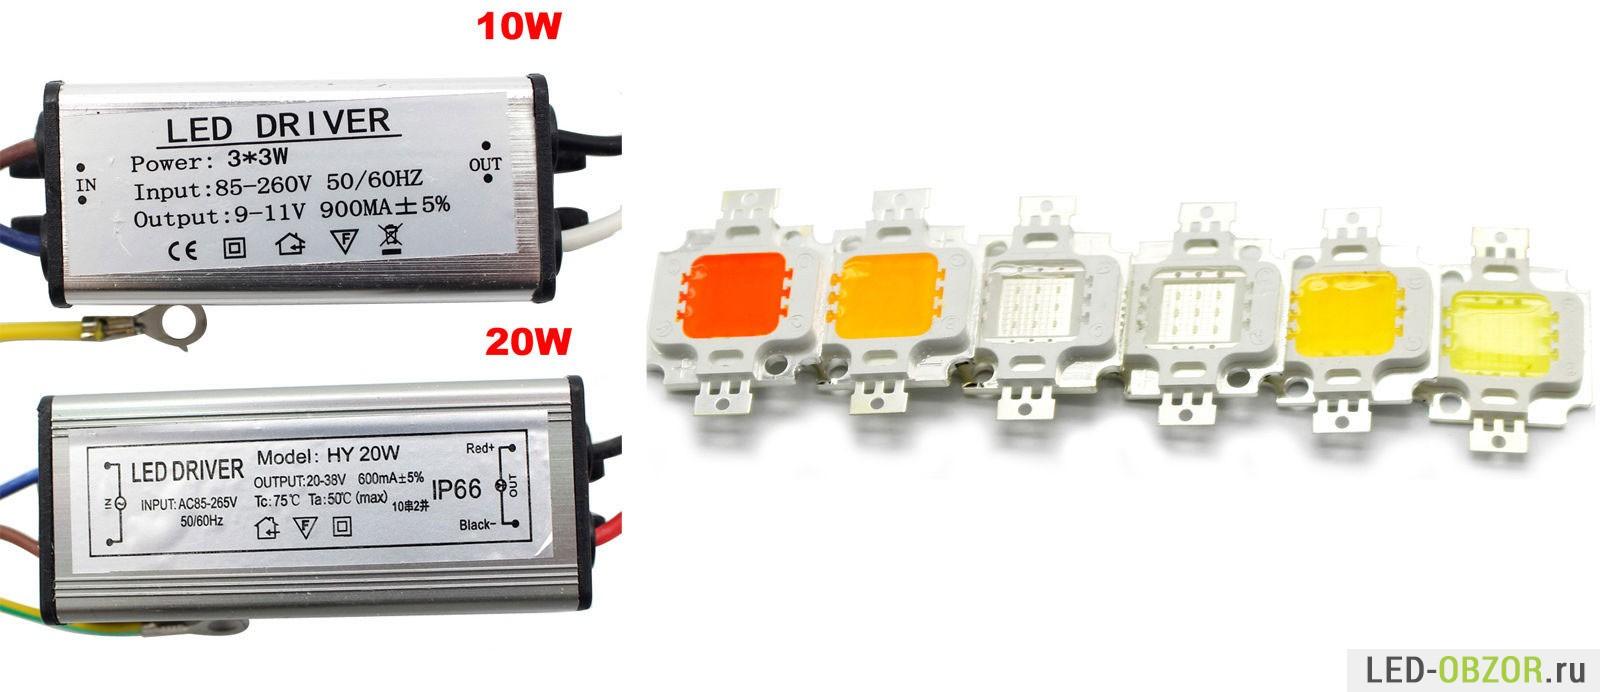 схема драйвера для светодиодной лампы lp-2